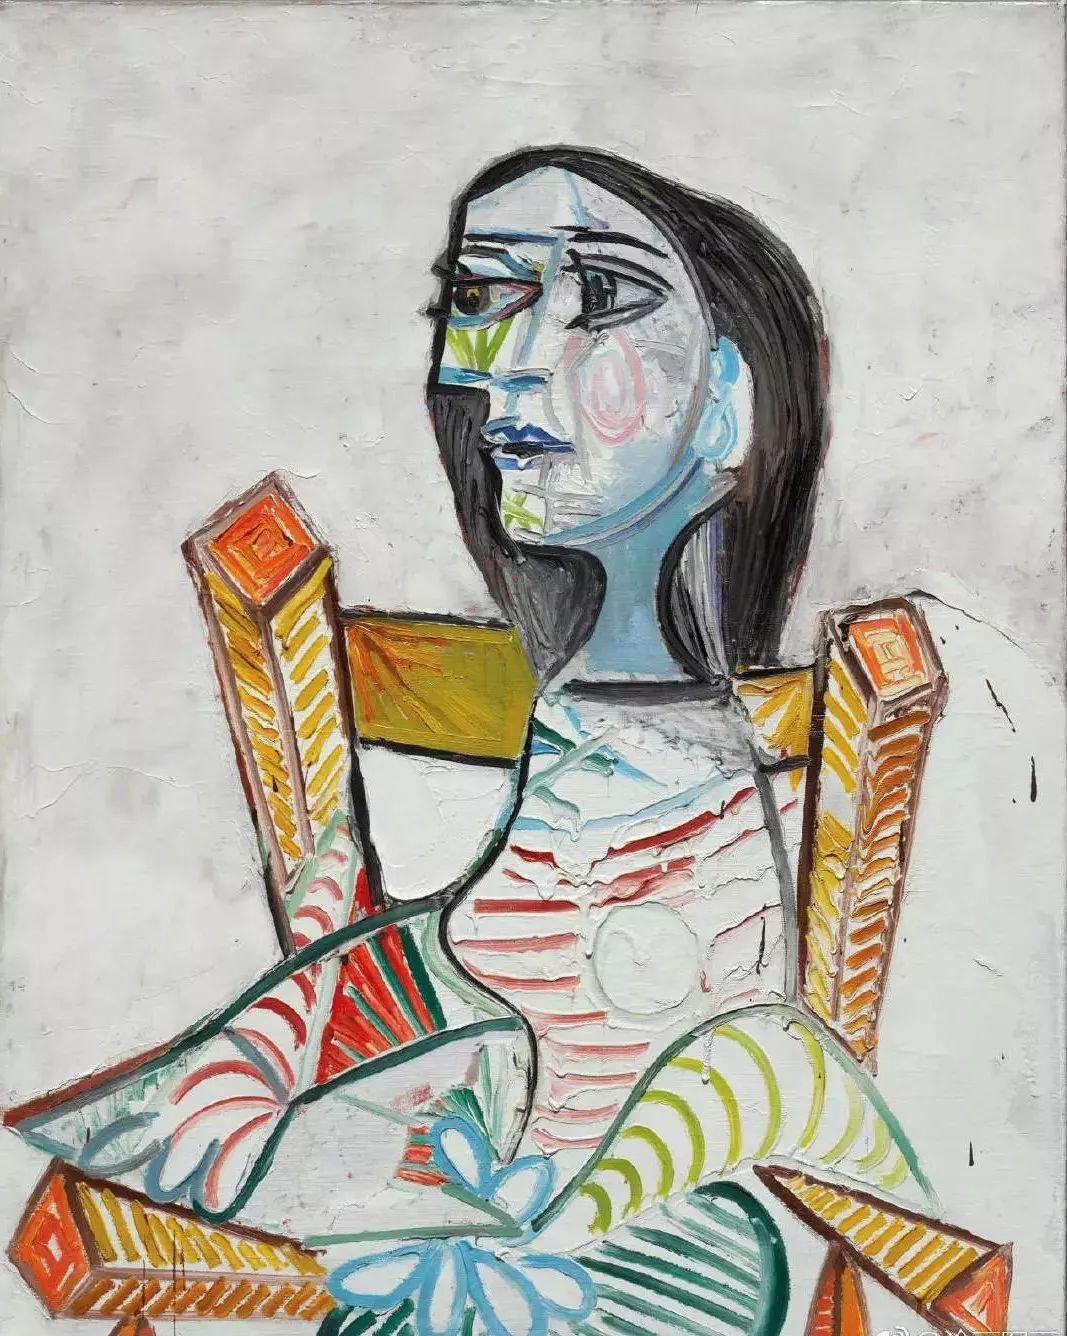 毕加索笔下的抽象爱人插图13